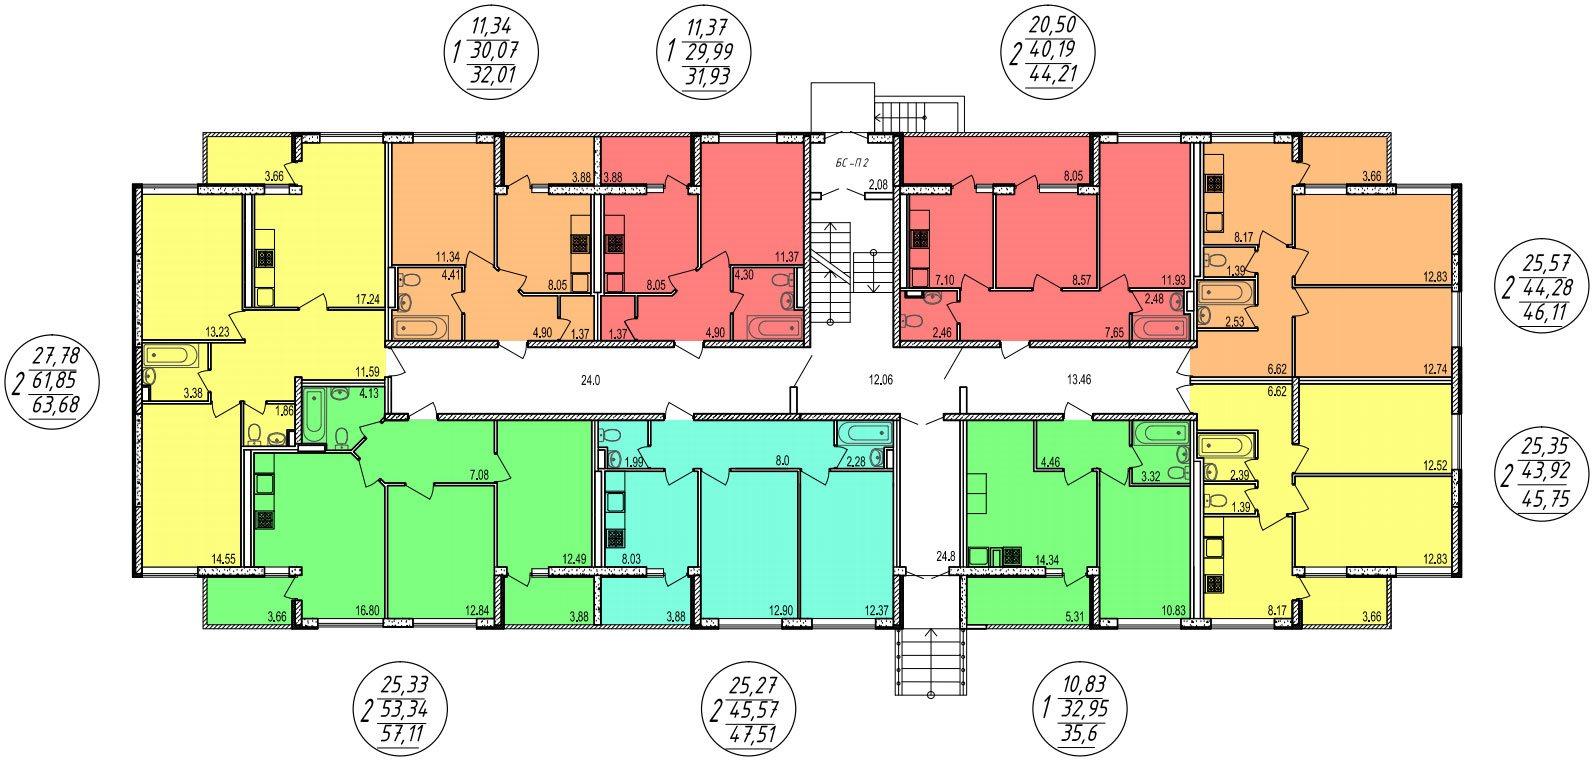 Удобные условия покупки квартиры по ипотеке в жилом комплексе «Дубровка»